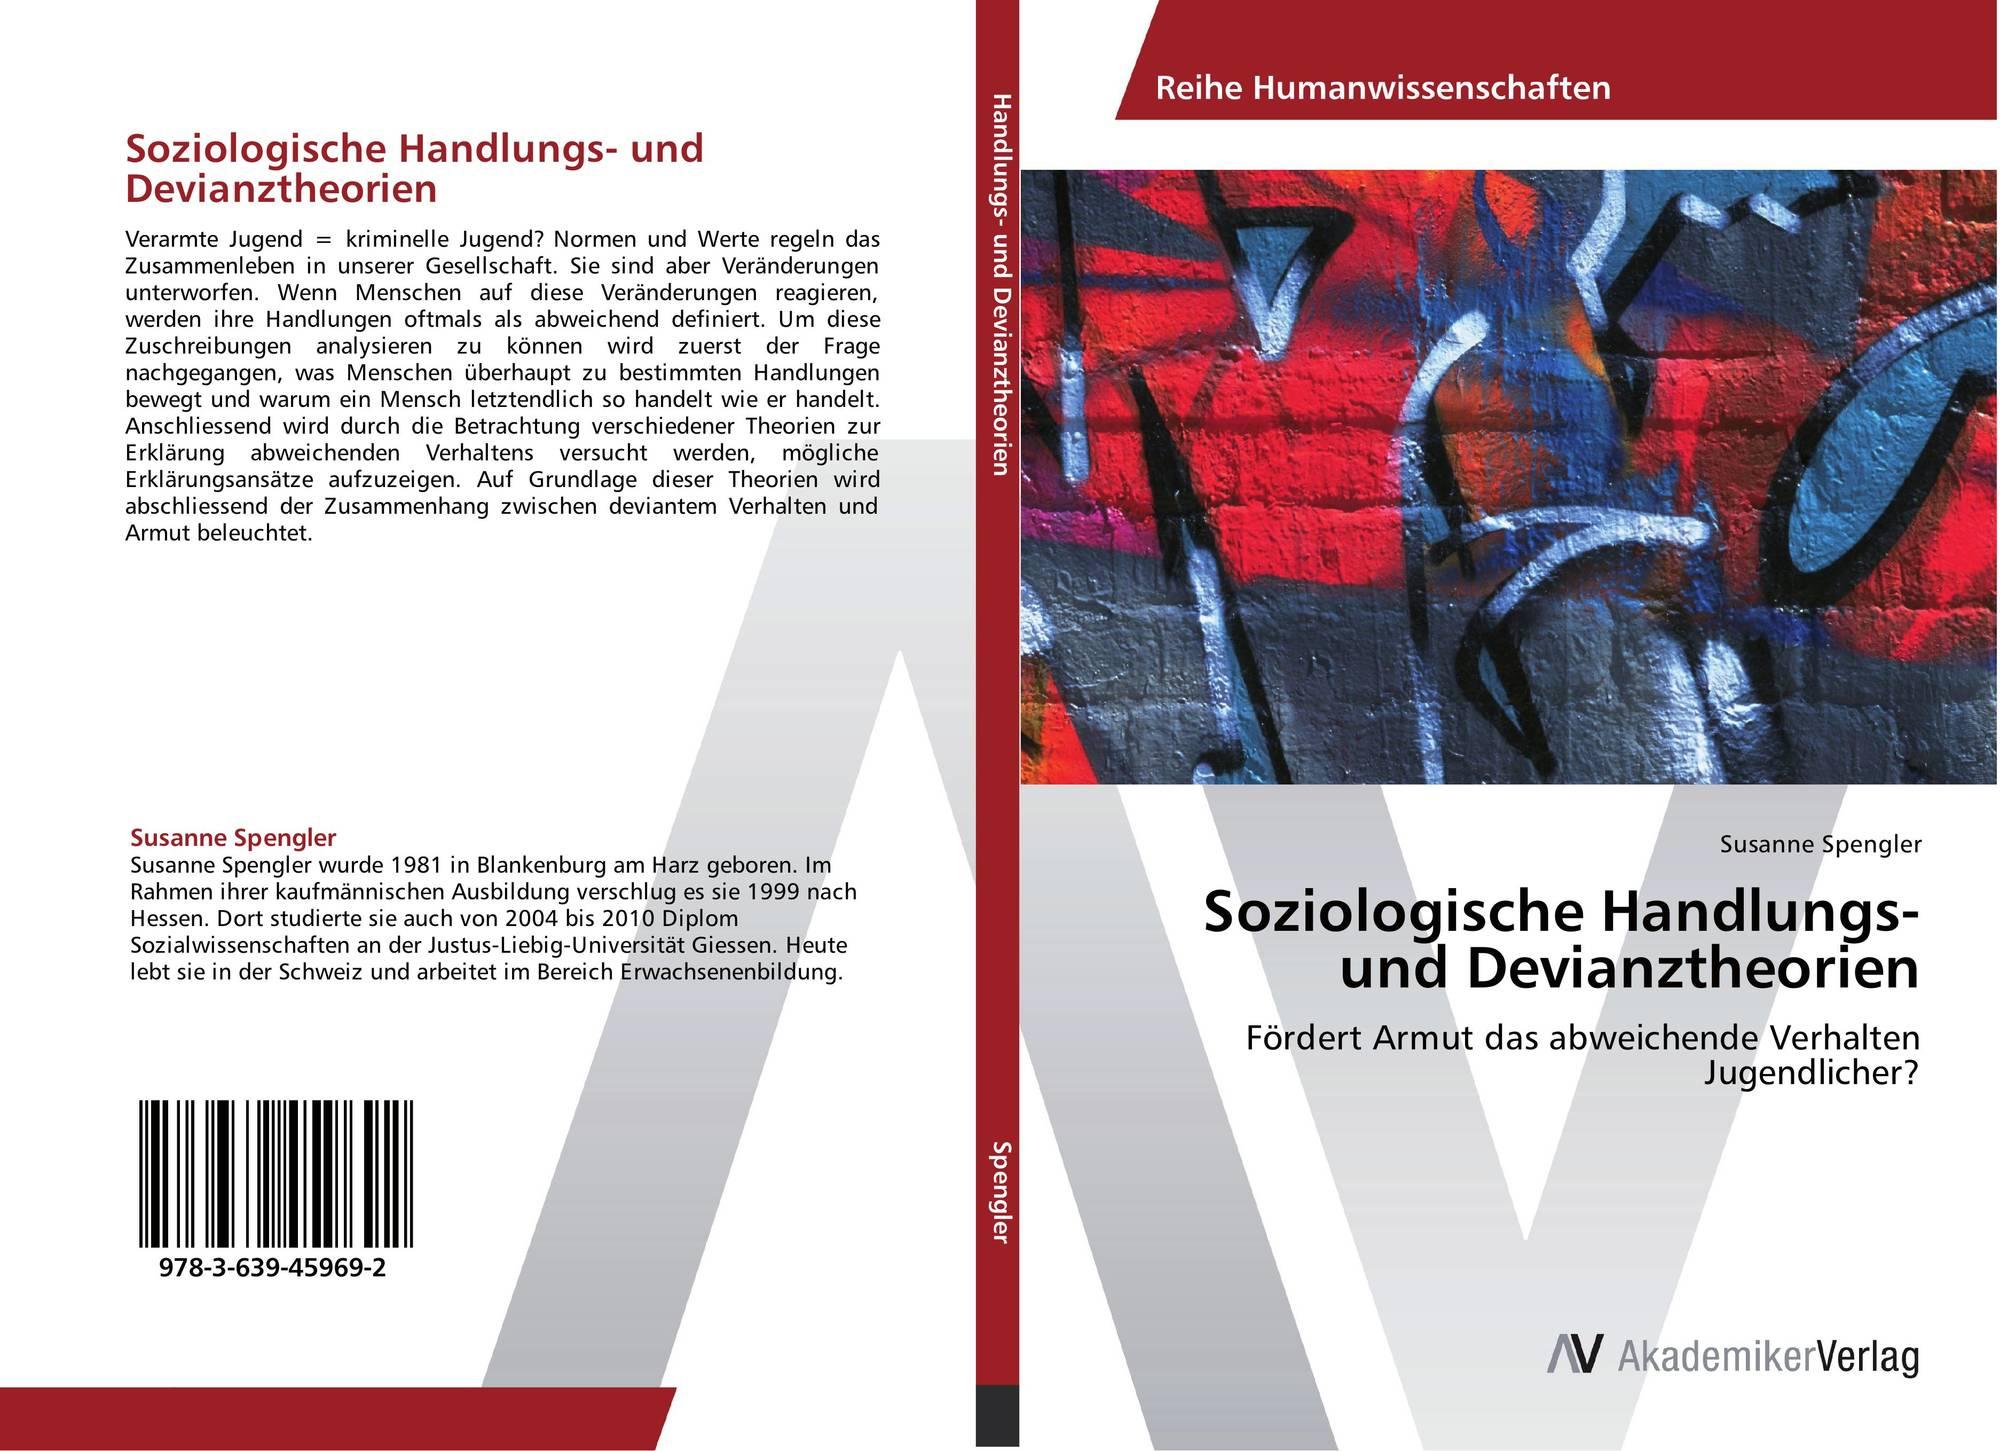 download Das juedische Holocaust Dogma